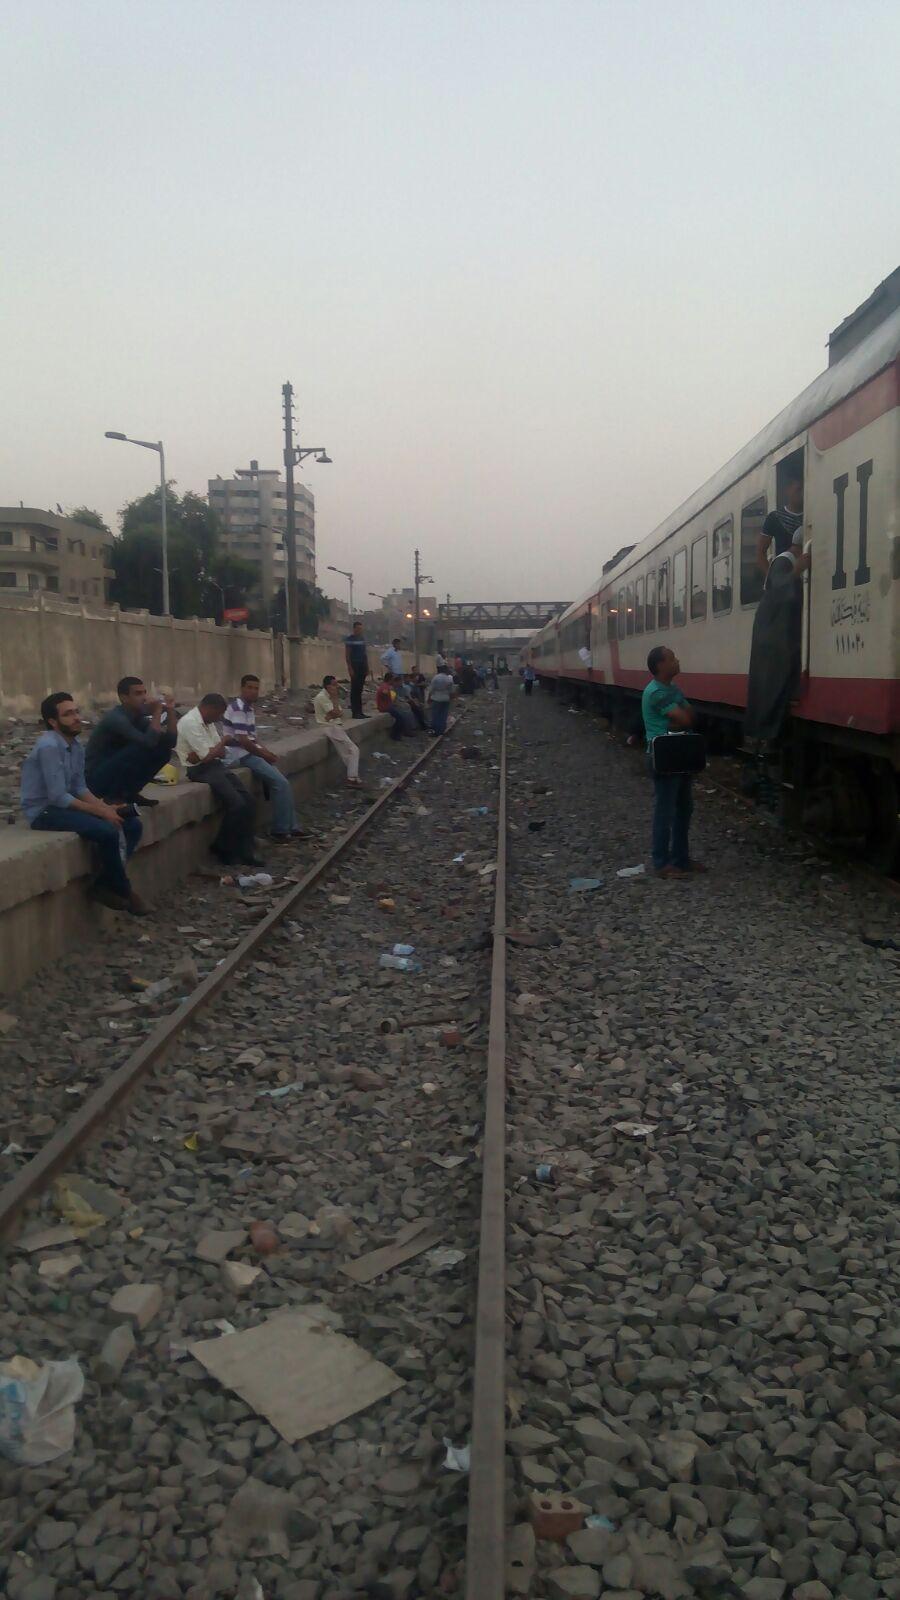 بالصور.. توقف قطار القاهرة ـ سوهاج في الجيزة منذ ساعتين ونصف.. واكتشاف 70 تذكرة بأرقام مُكررة